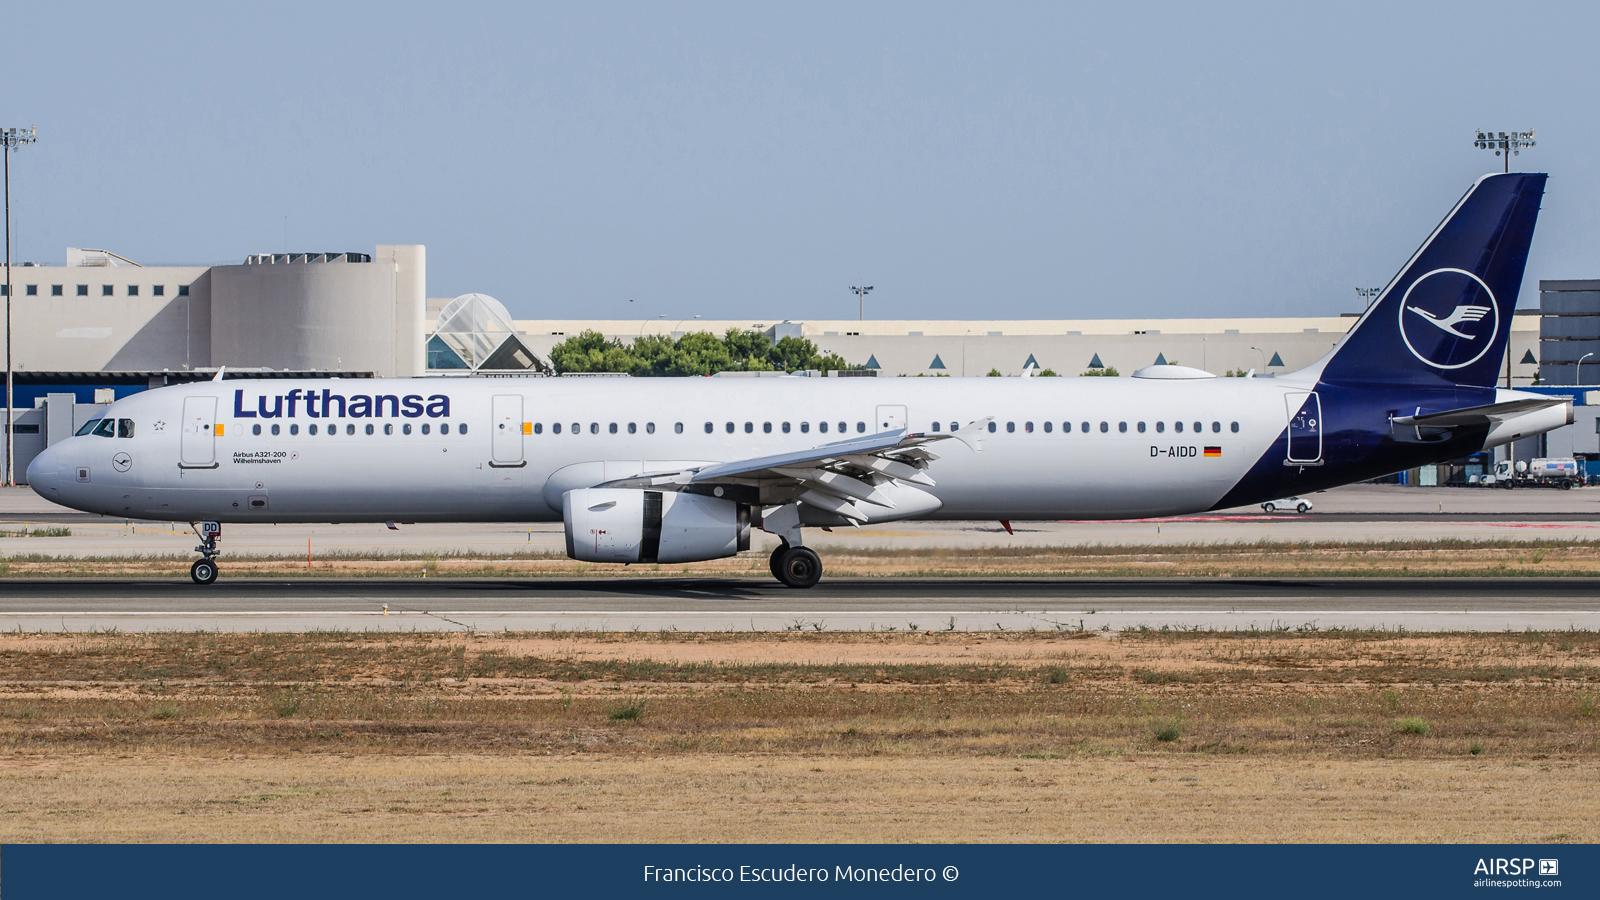 Lufthansa  Airbus A321  D-AIDD